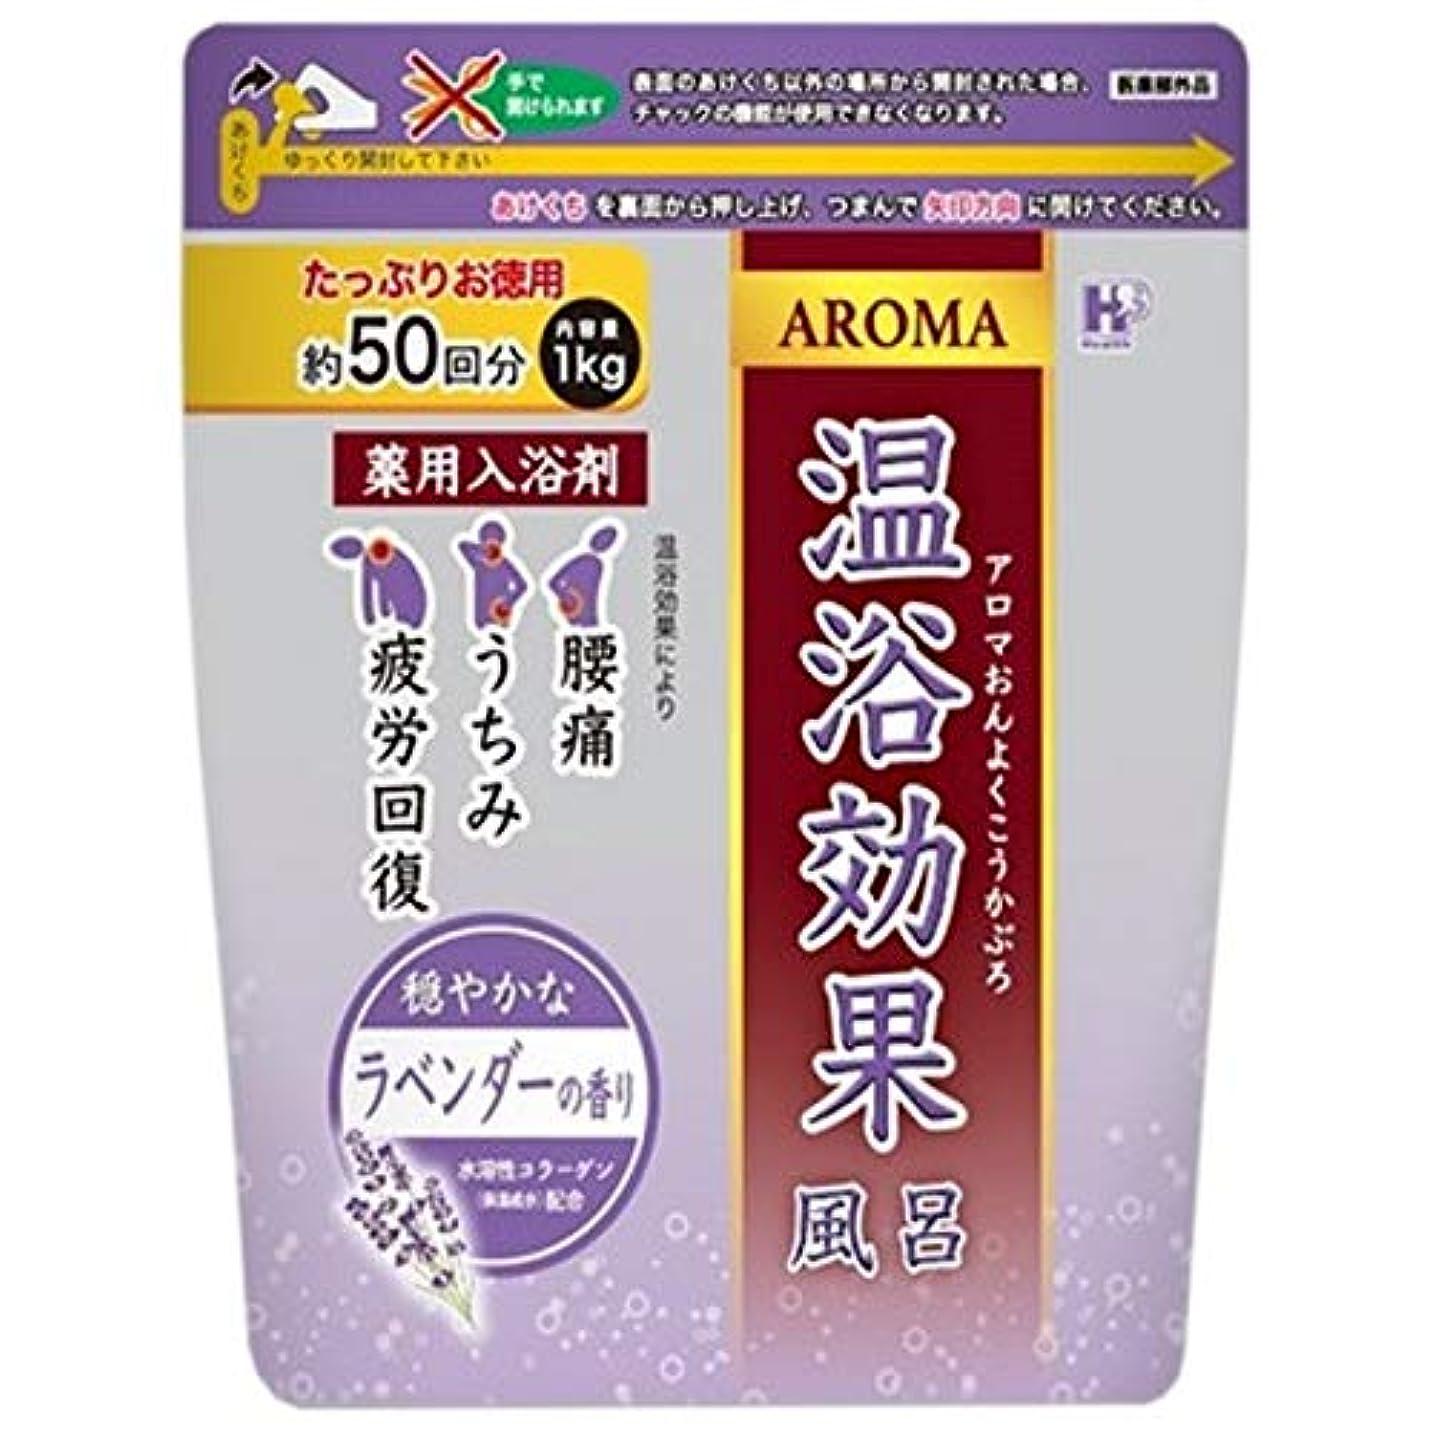 争い四回手順薬用入浴剤 アロマ温浴効果風呂 ラベンダー 1kg×10袋入